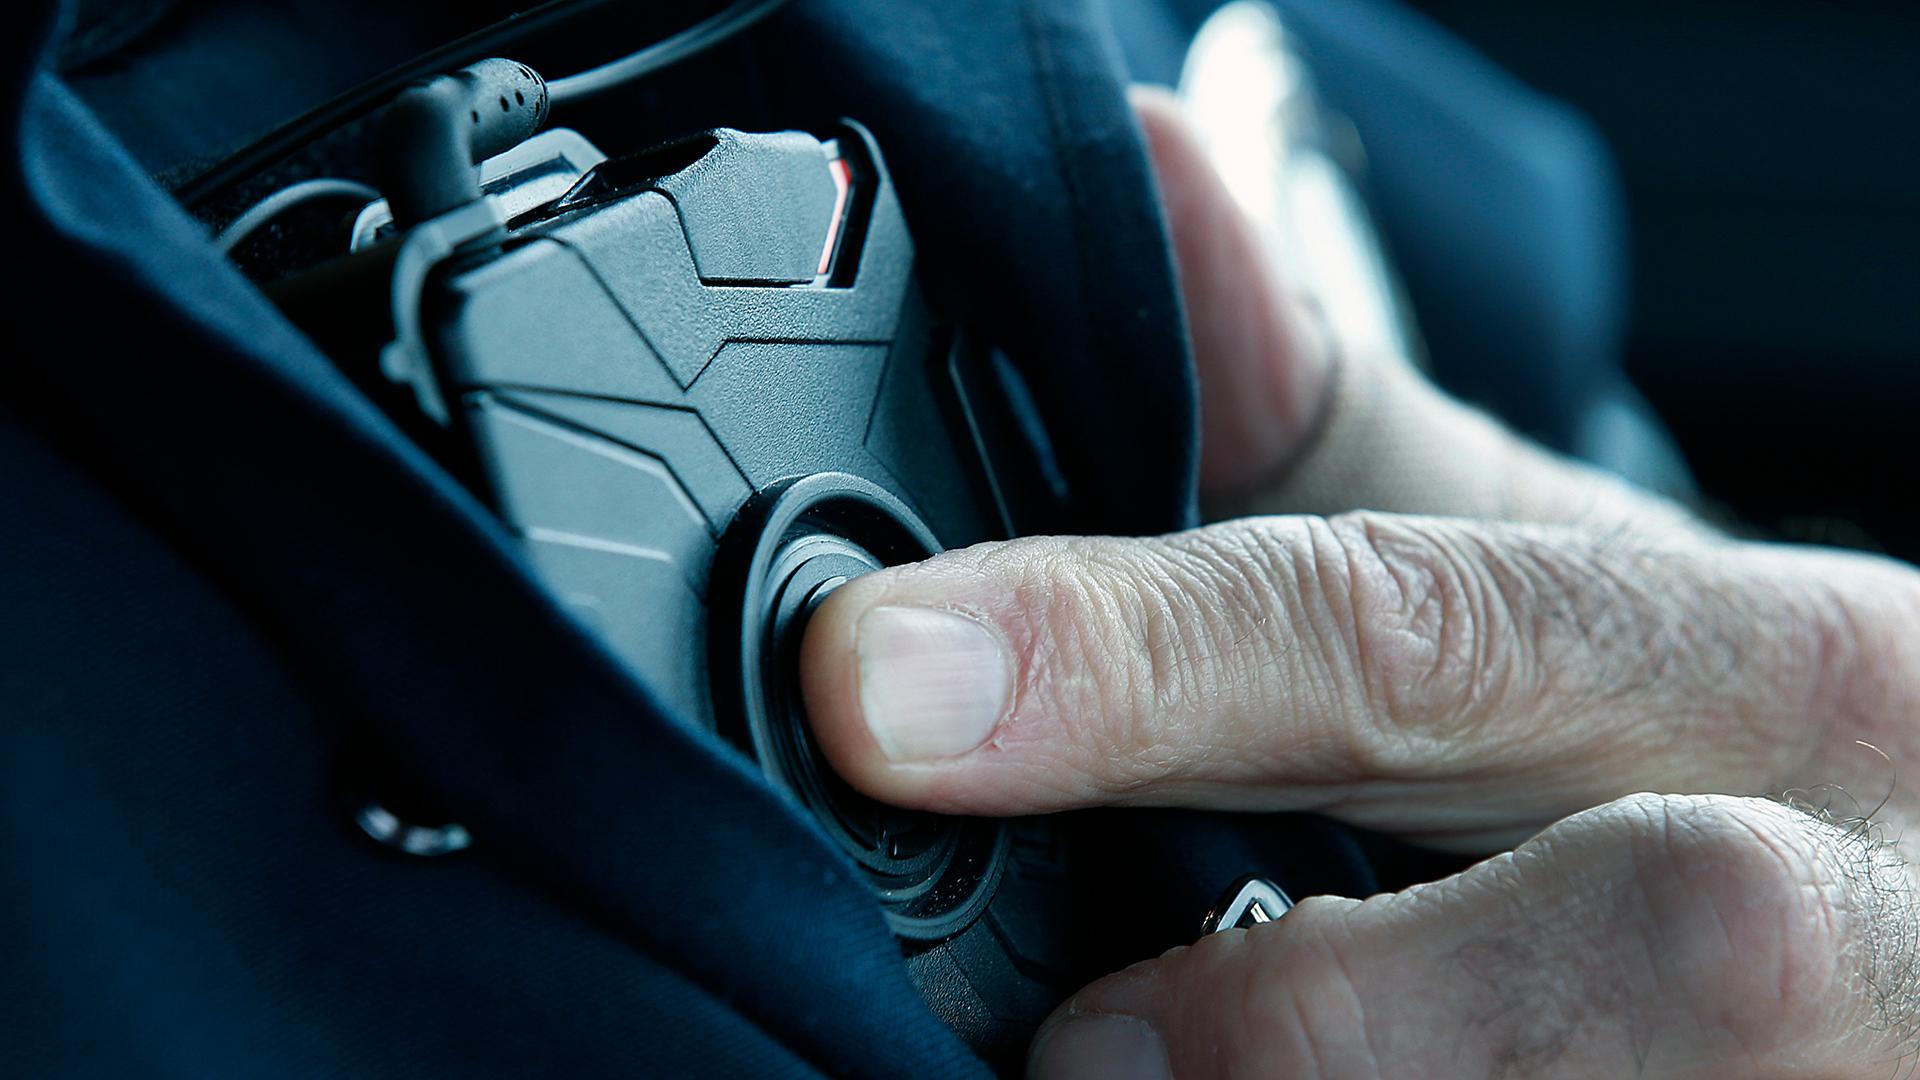 Police officer activating body camera-159532.jpg02061387